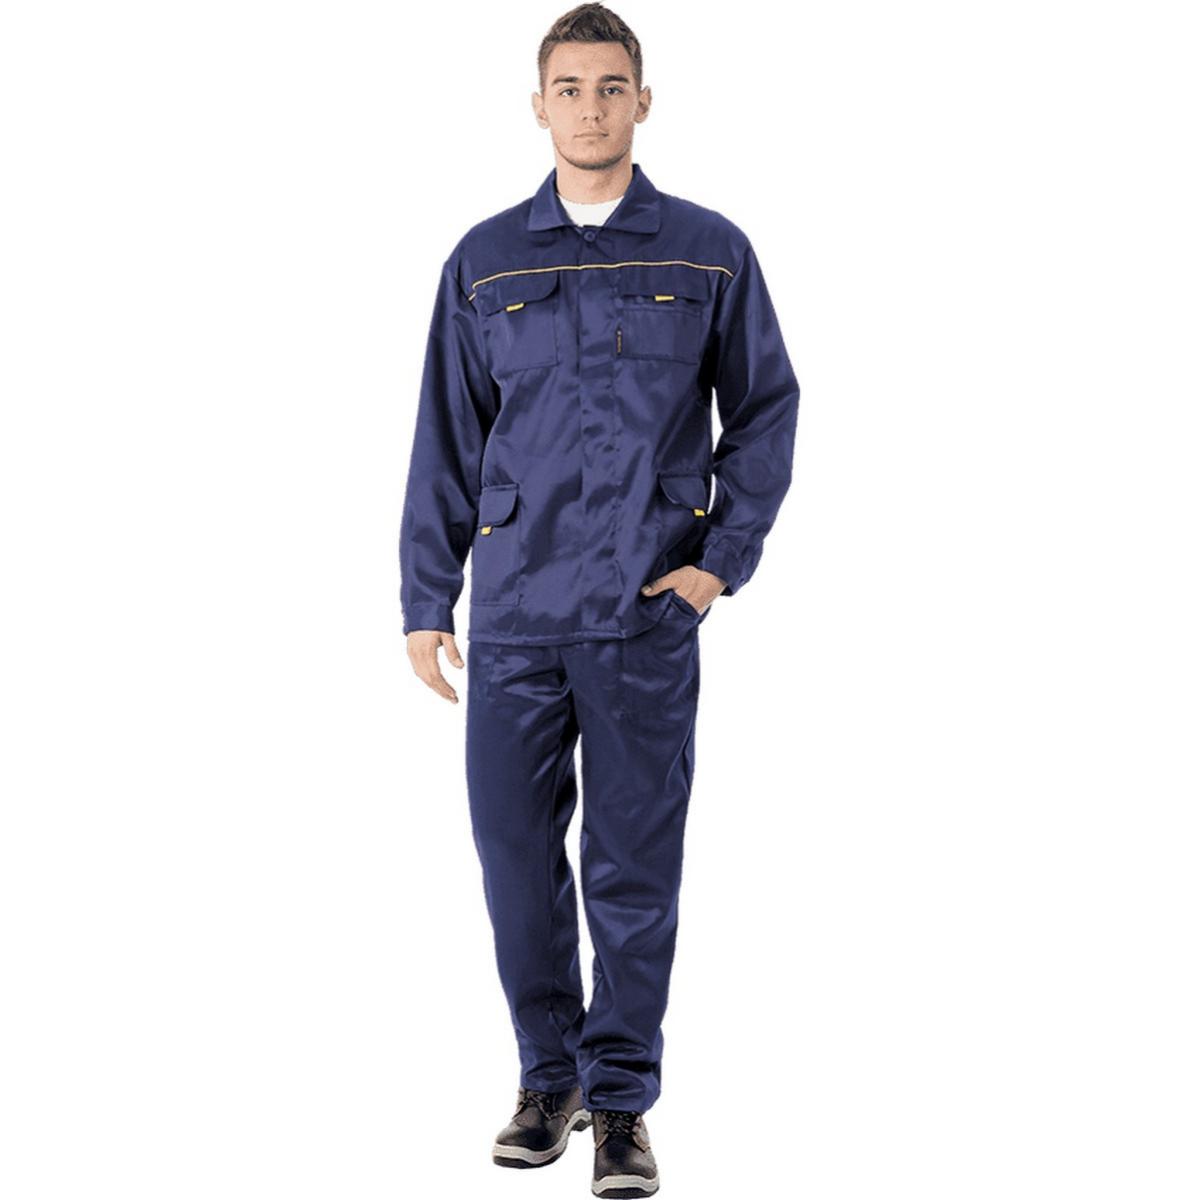 Костюм ВЫМПЕЛ-1 т/синий (куртка+брюки)  (разм. 104-108 рост 182-188)